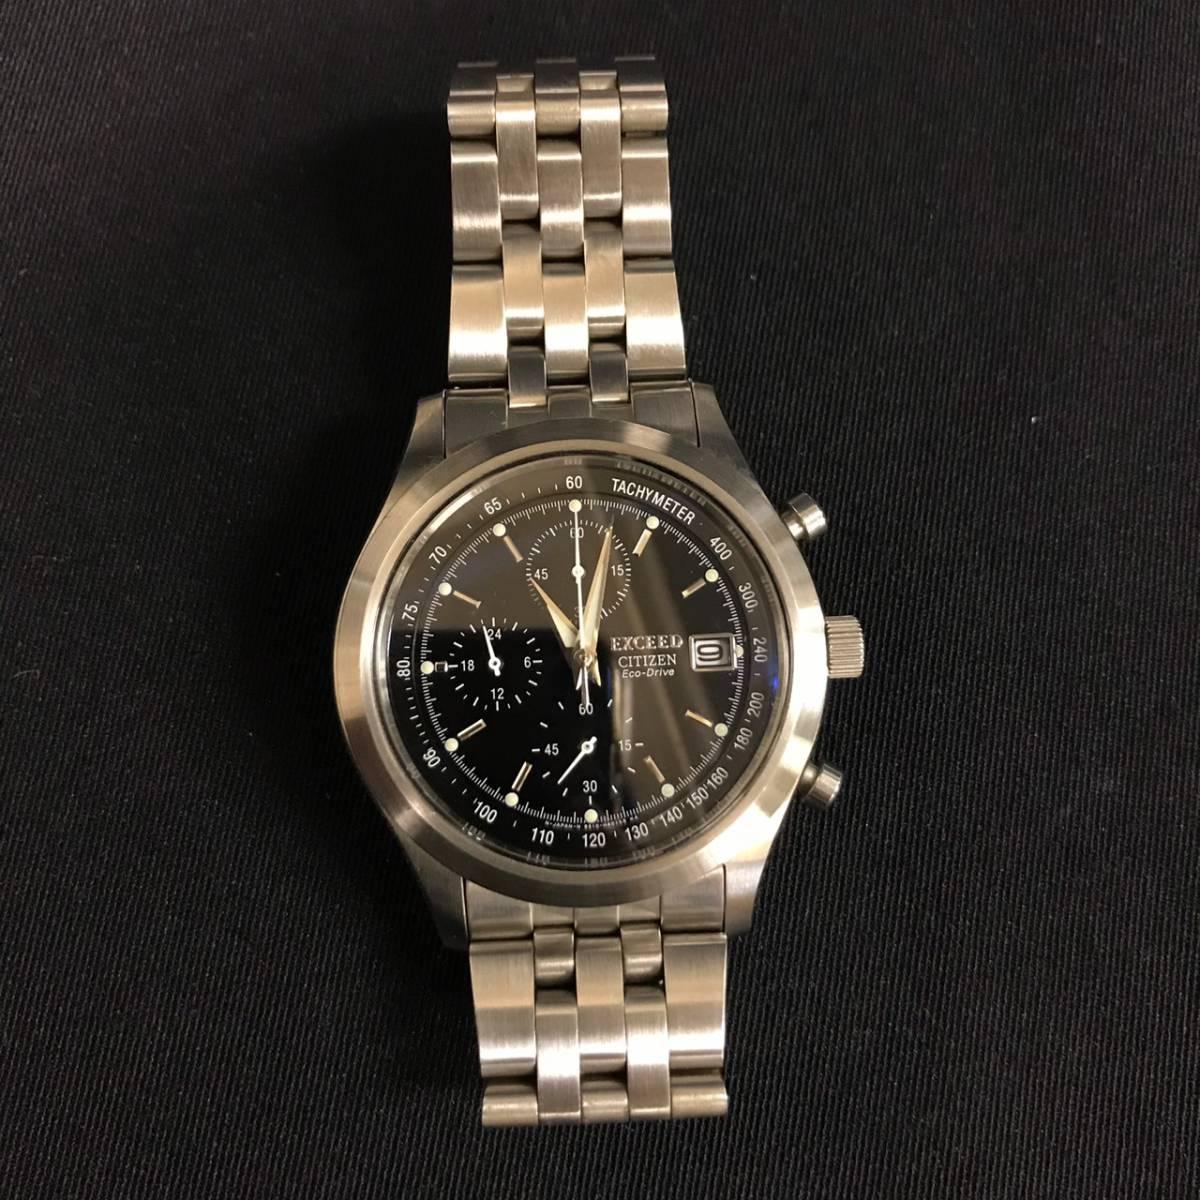 C23f01D シチズン CITIZEN エクシード エコドライブ B510 H23290 クオーツ 腕時計 自動巻き 記念品_画像3